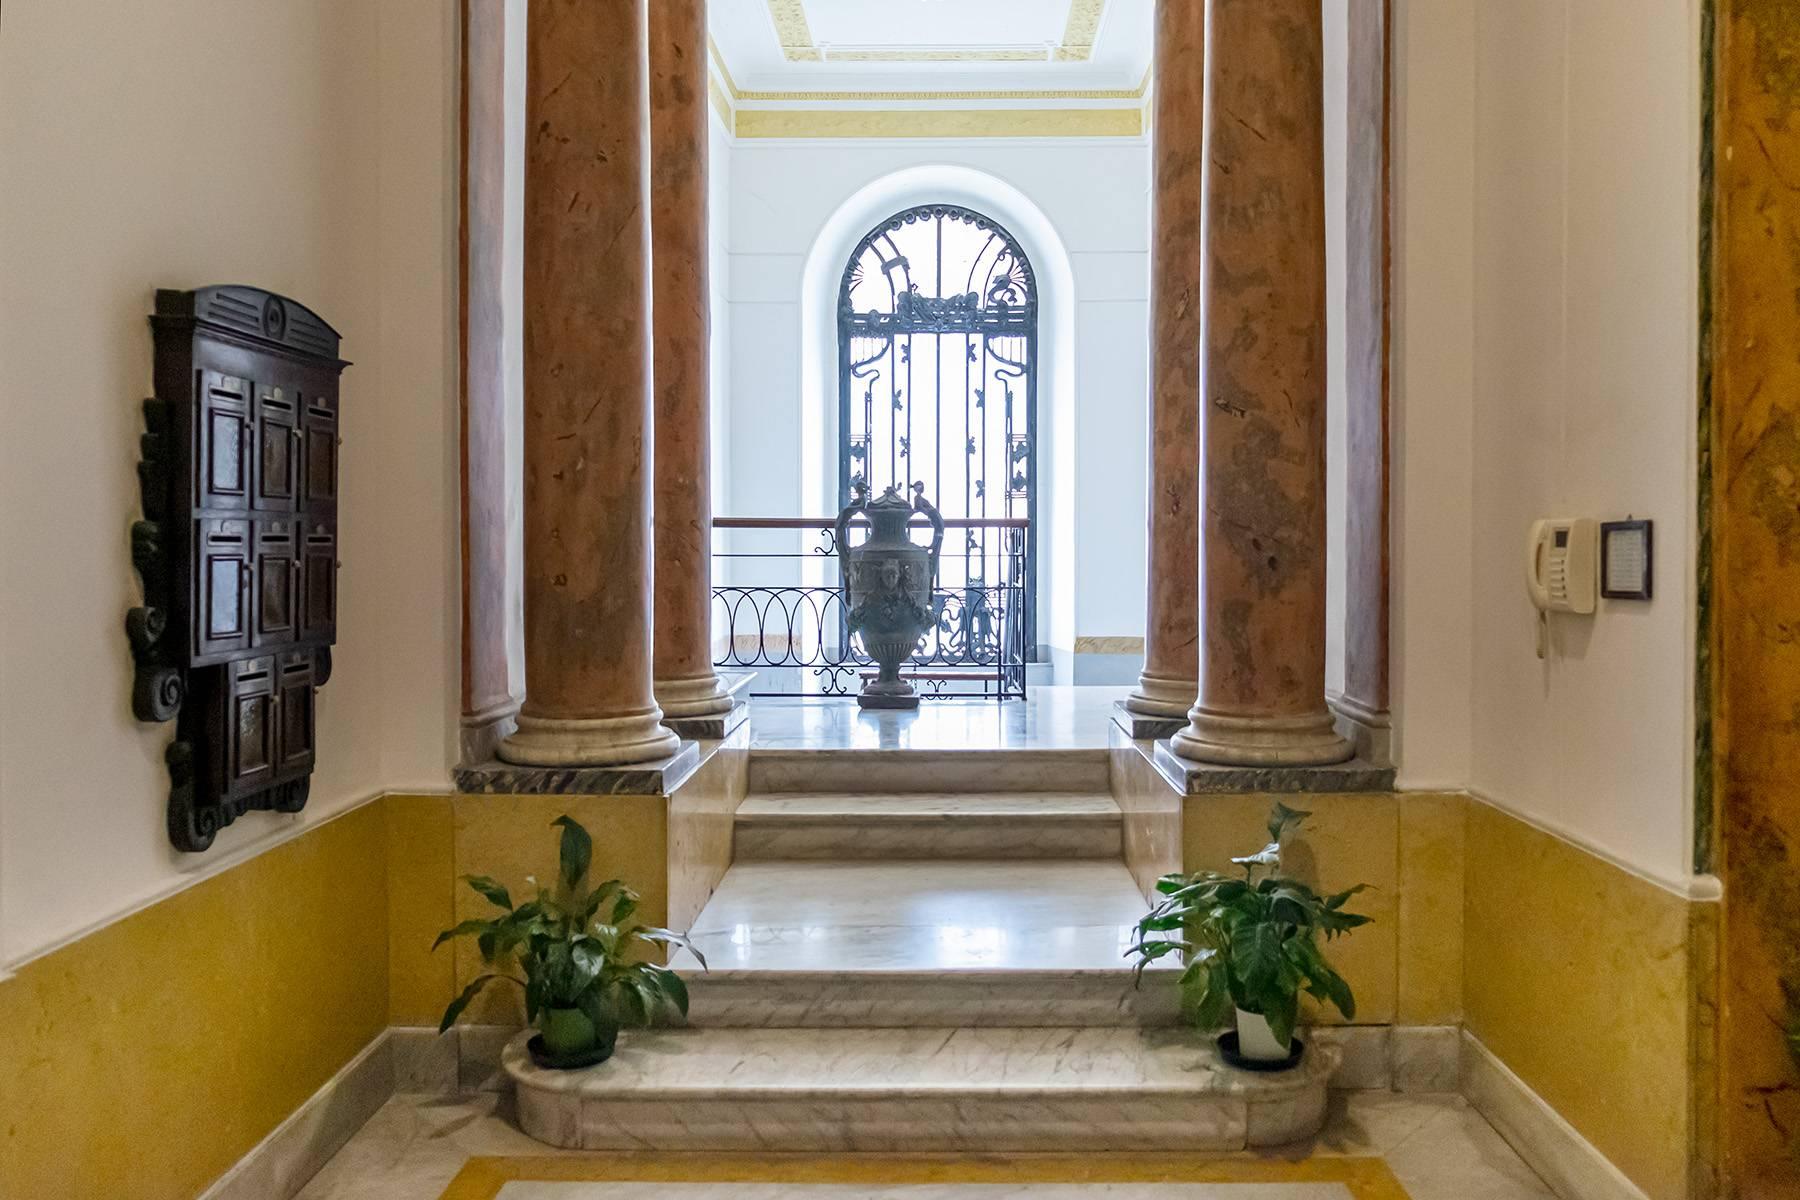 Attico in Vendita a Napoli: 5 locali, 160 mq - Foto 20